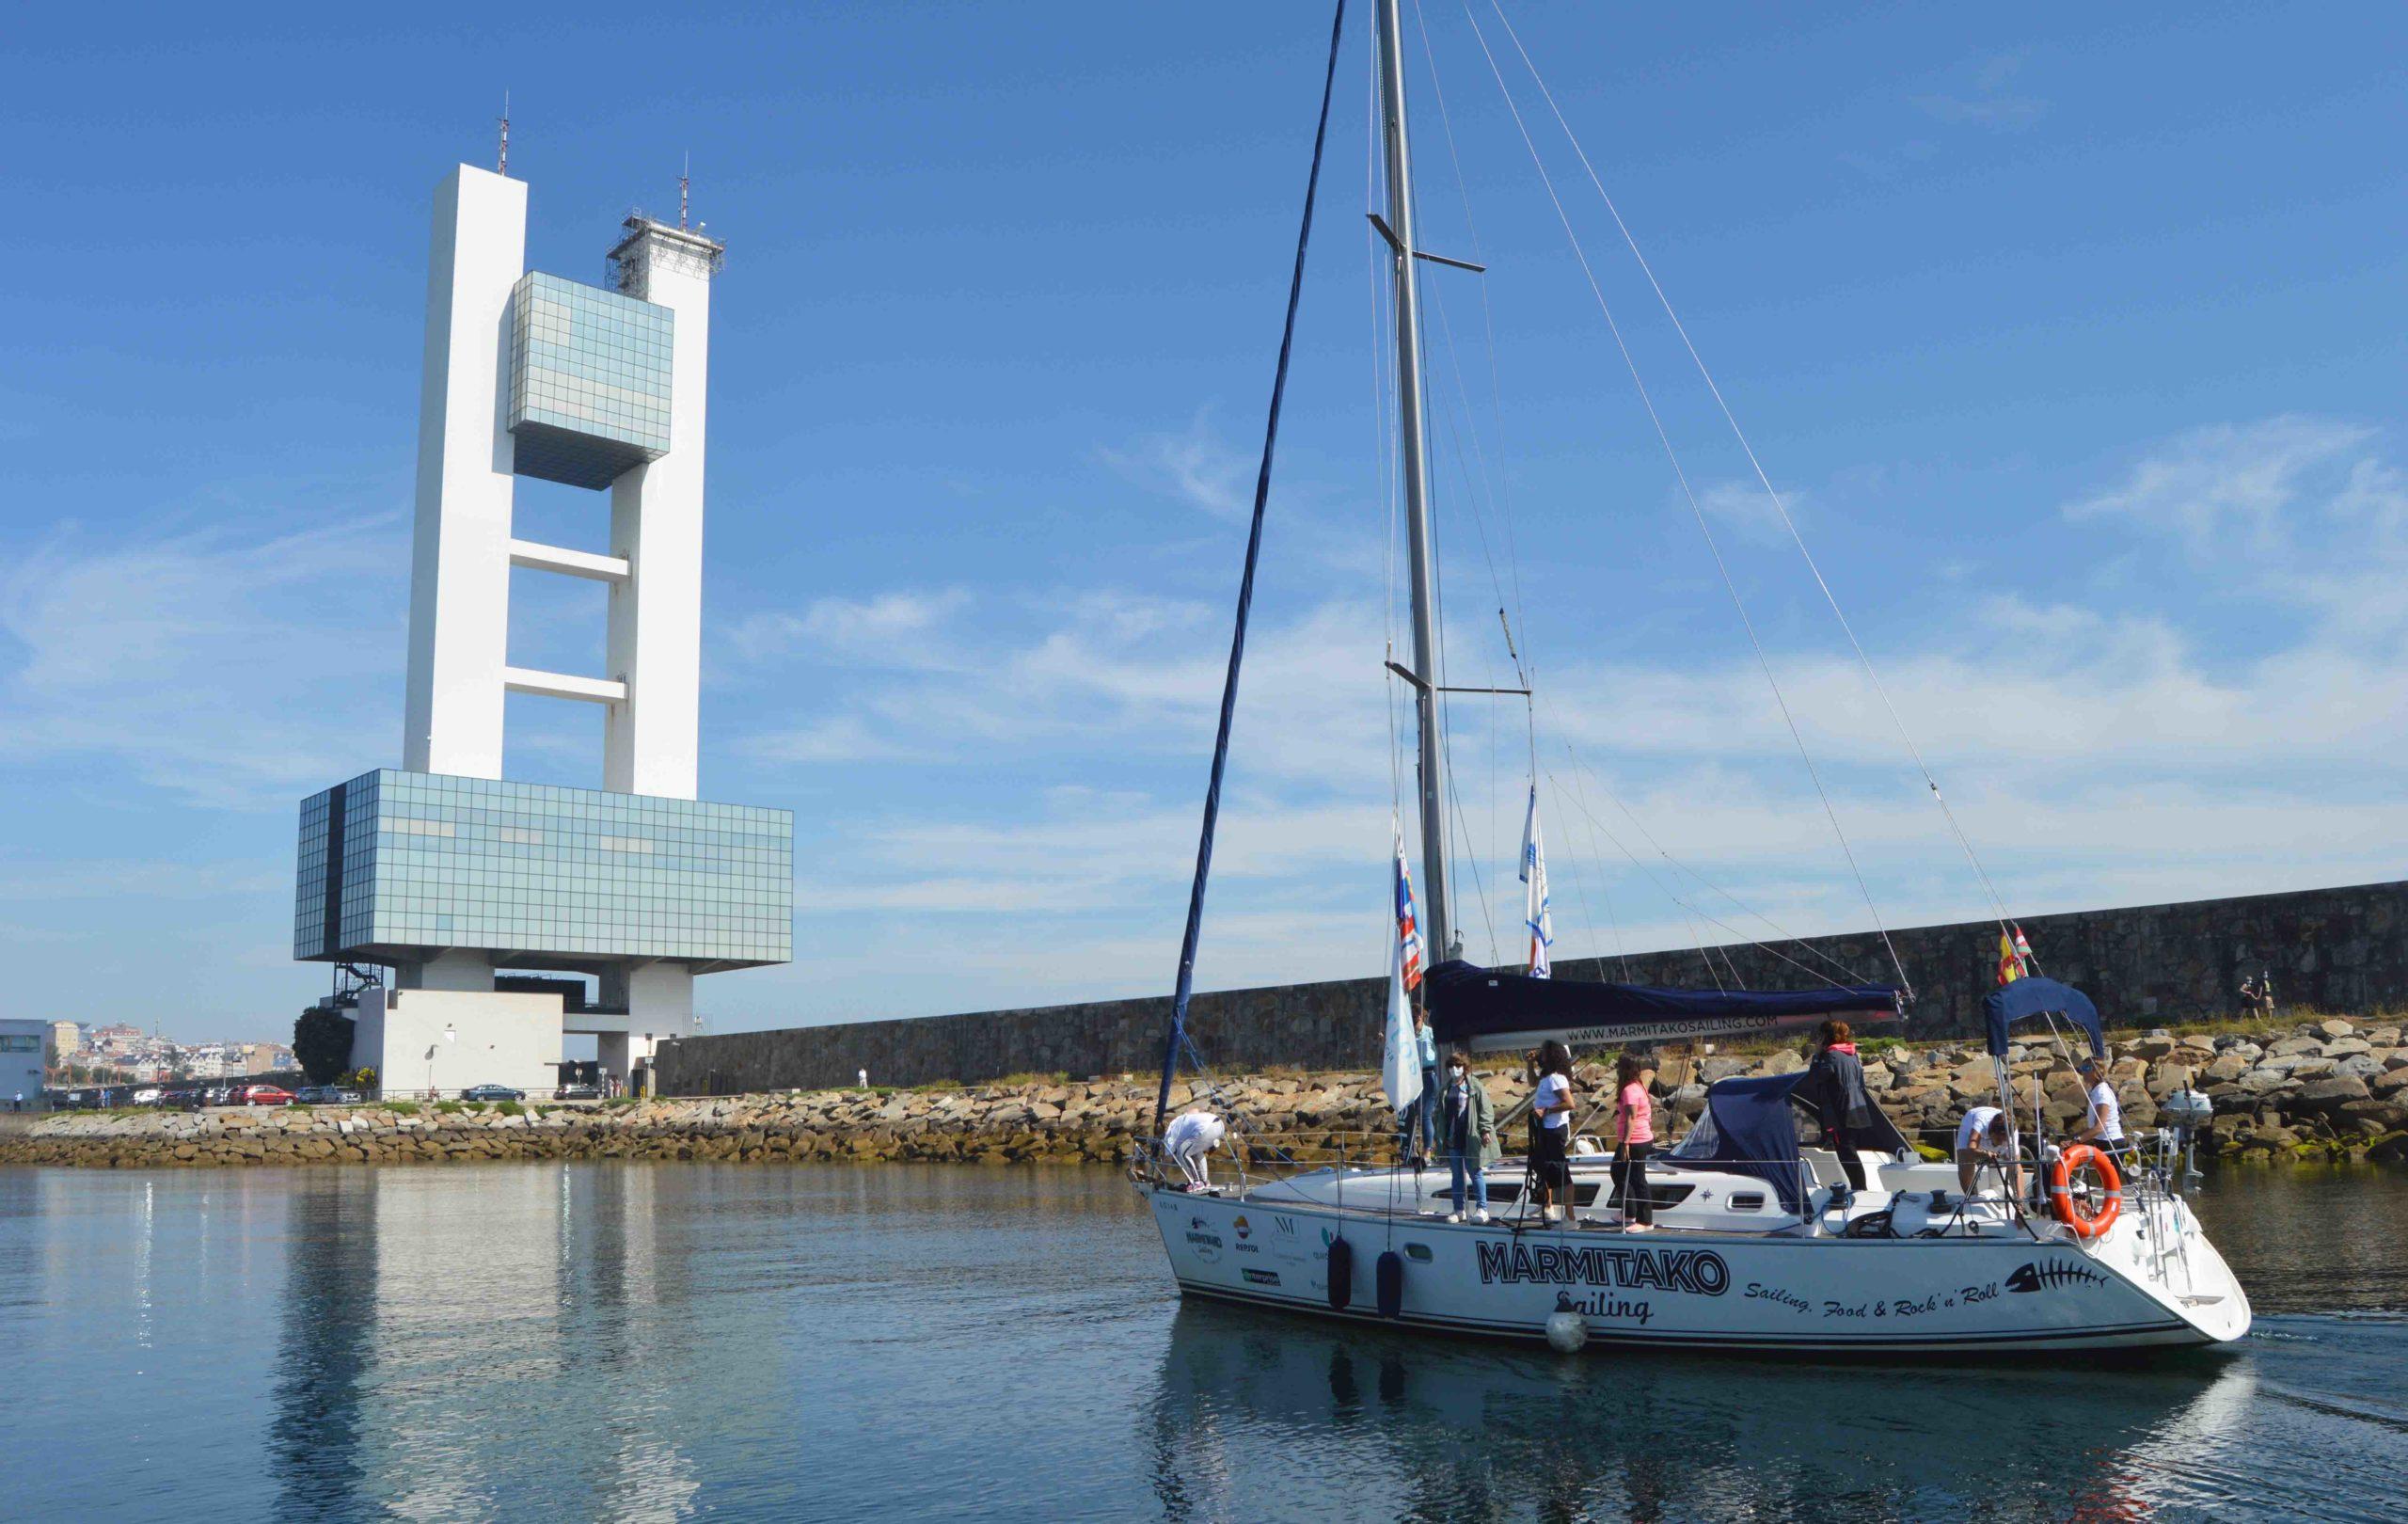 La travesía 'Sail the Way' llega a A Coruña